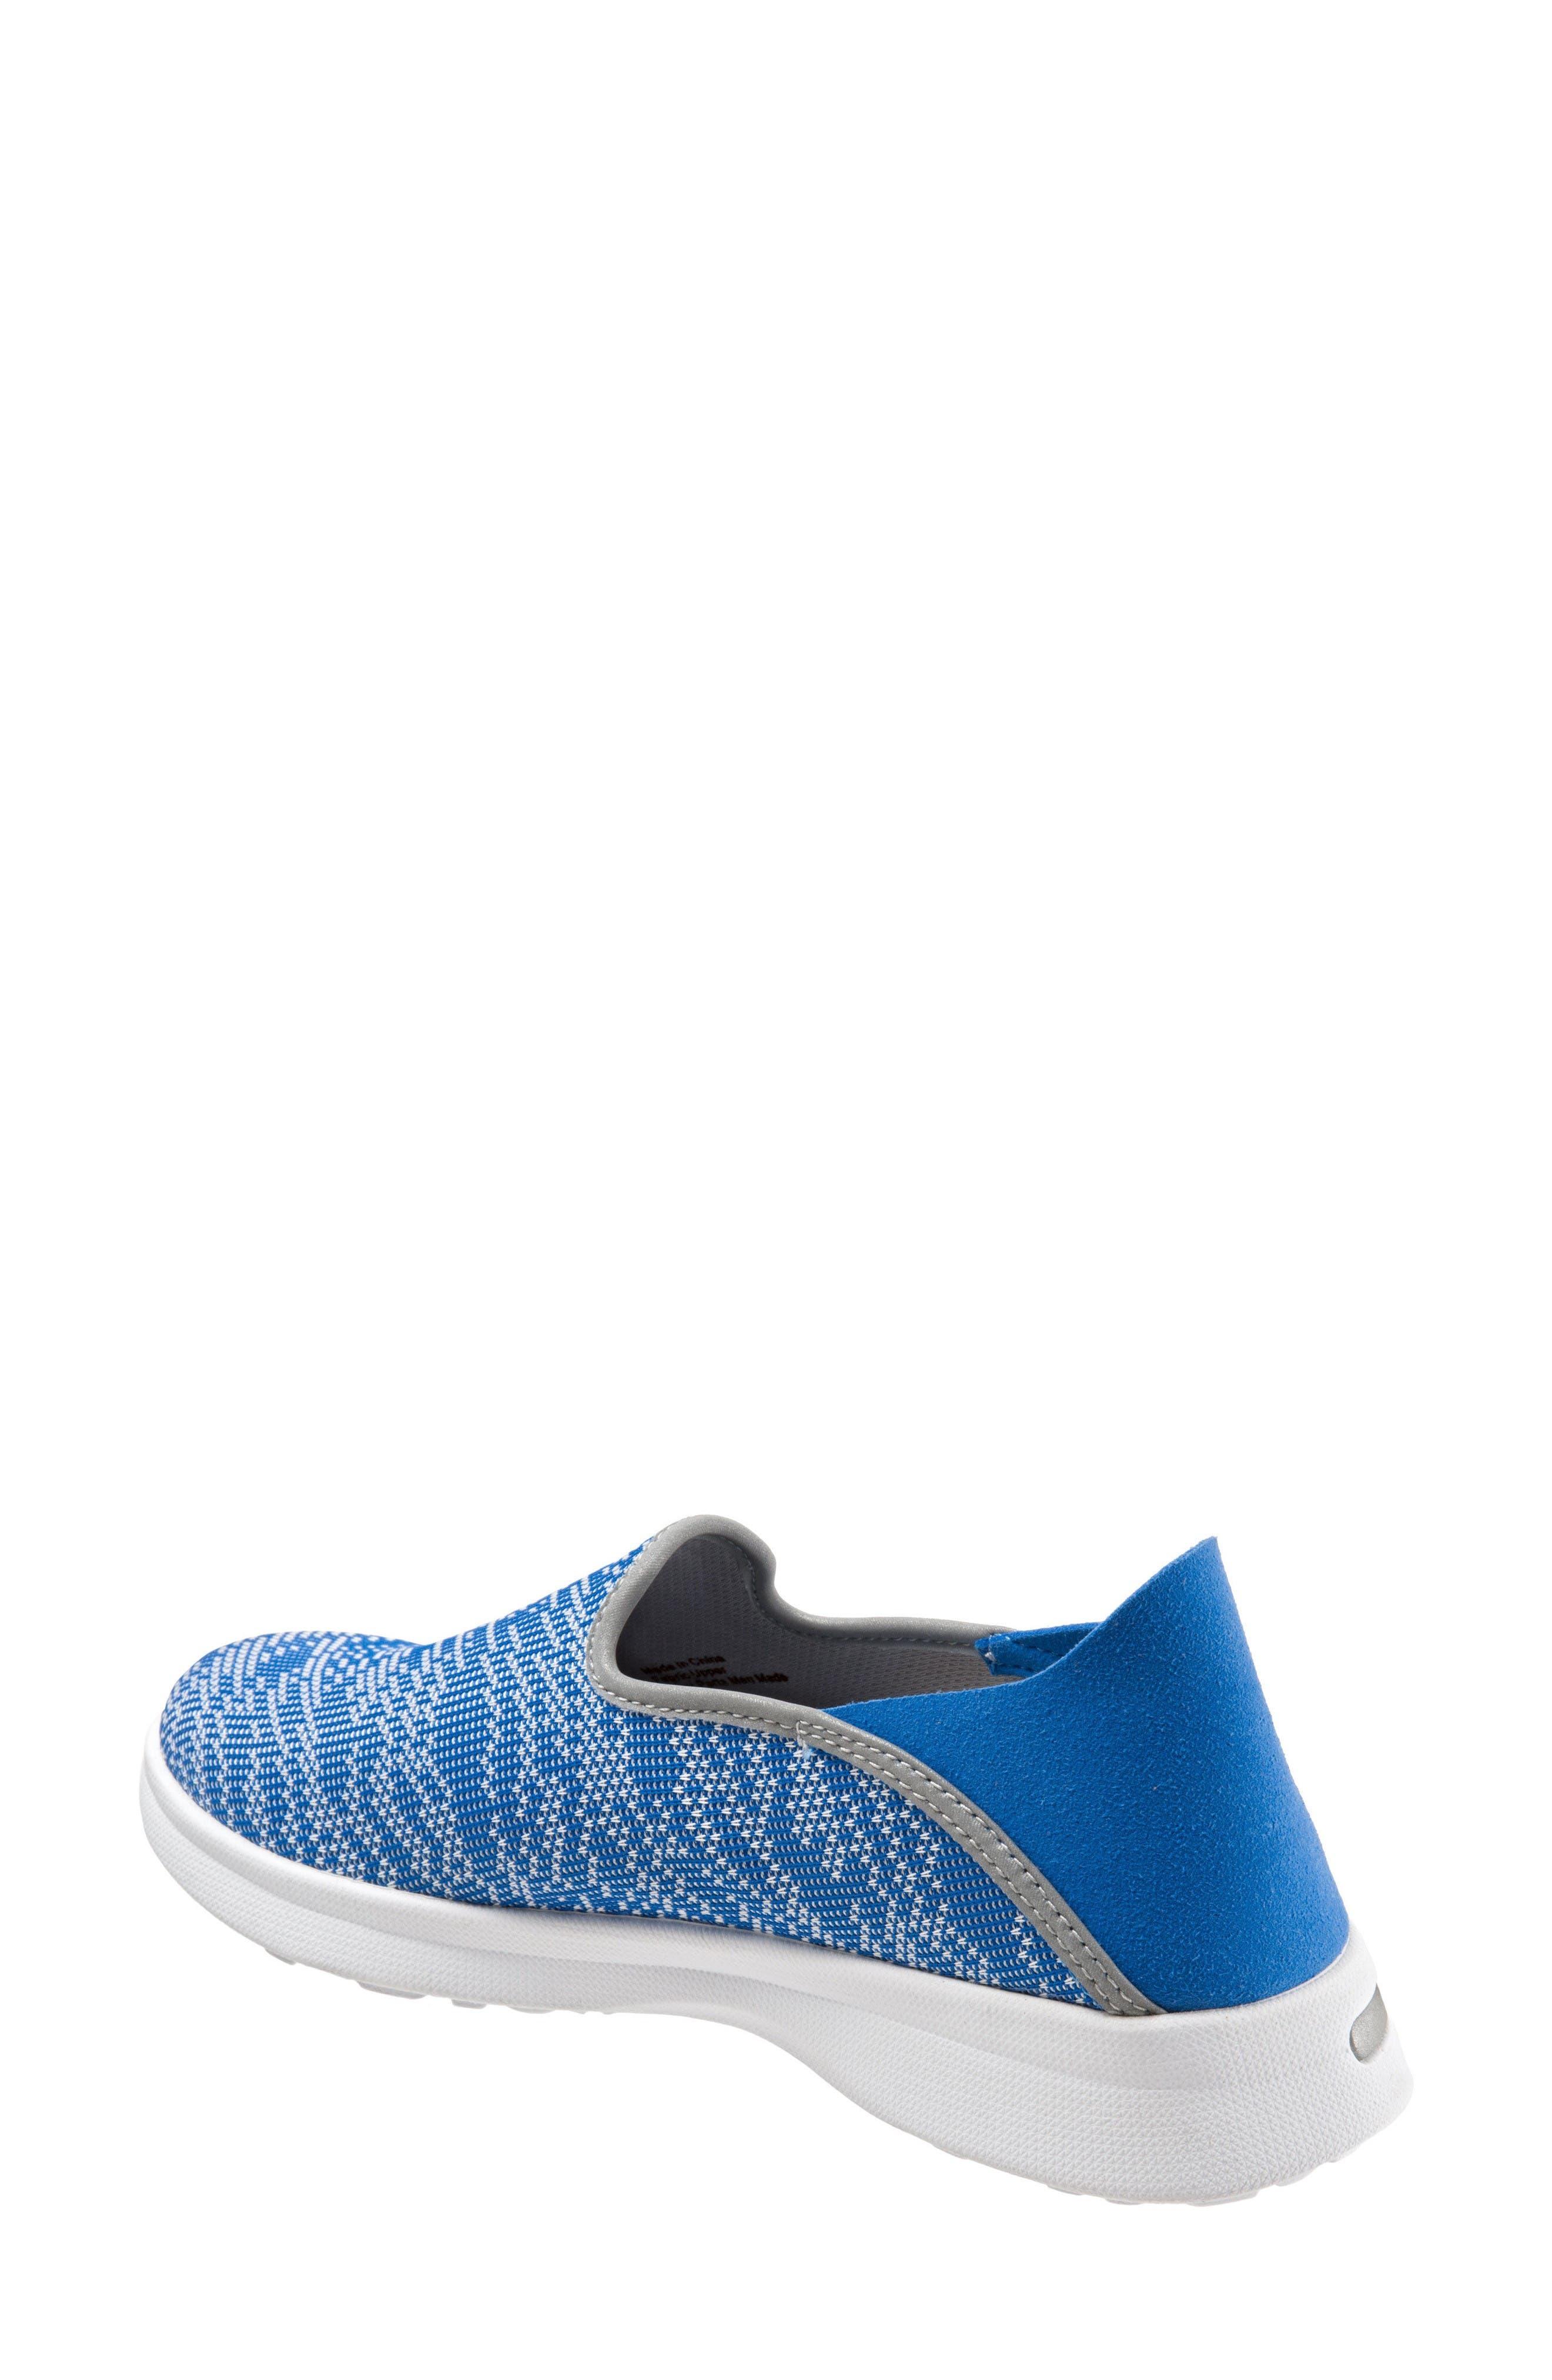 Alternate Image 2  - SoftWalk® Convertible Slip-On Sneaker (Women)